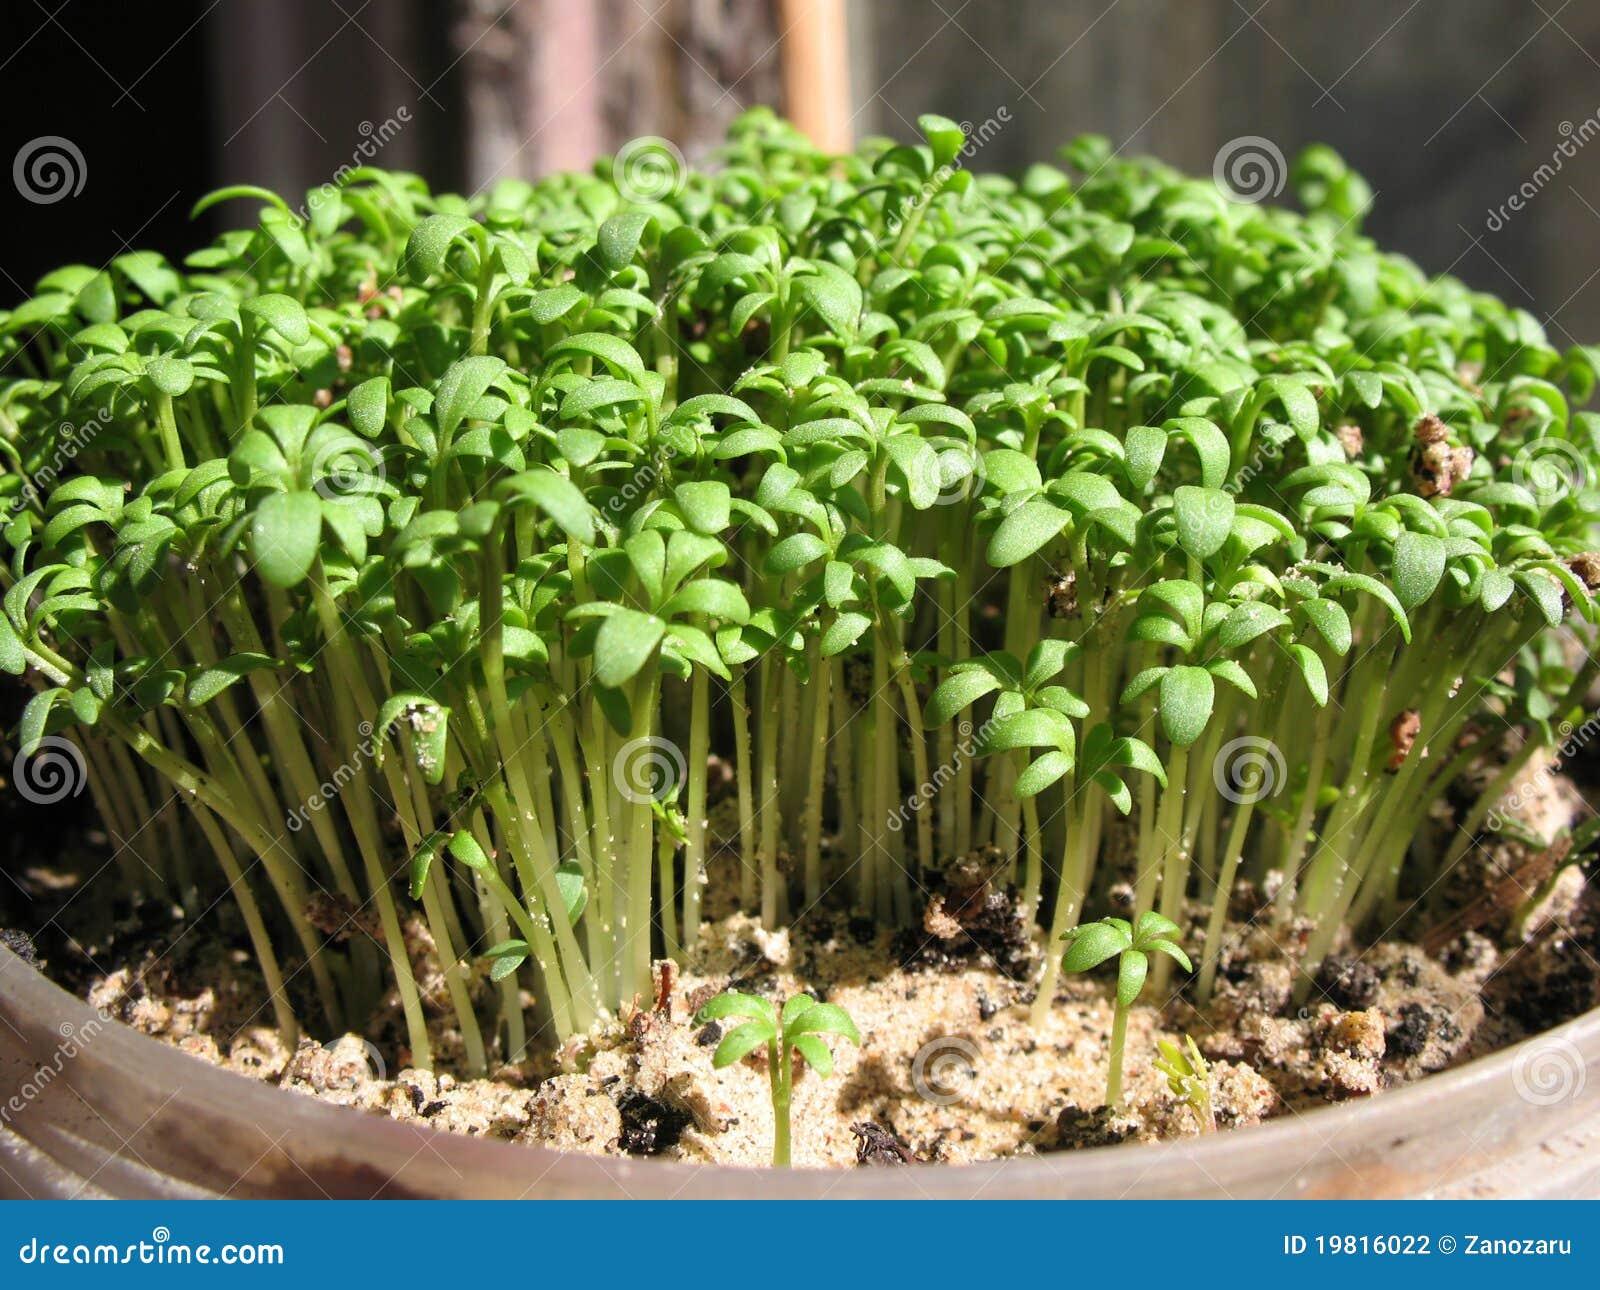 как выглядит кресс салат